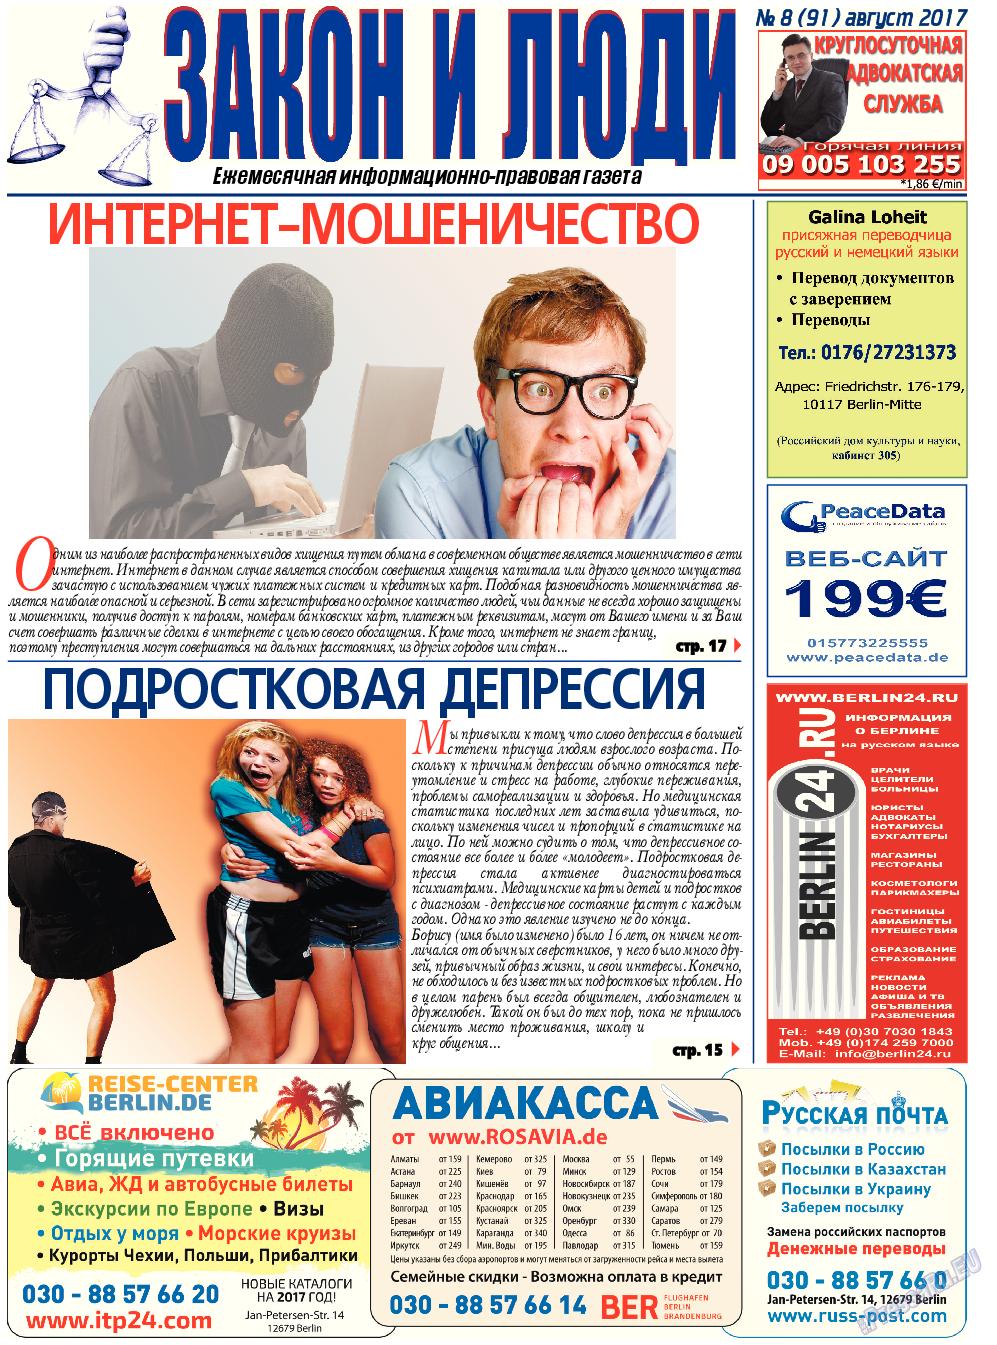 Закон и люди (газета). 2017 год, номер 8, стр. 1